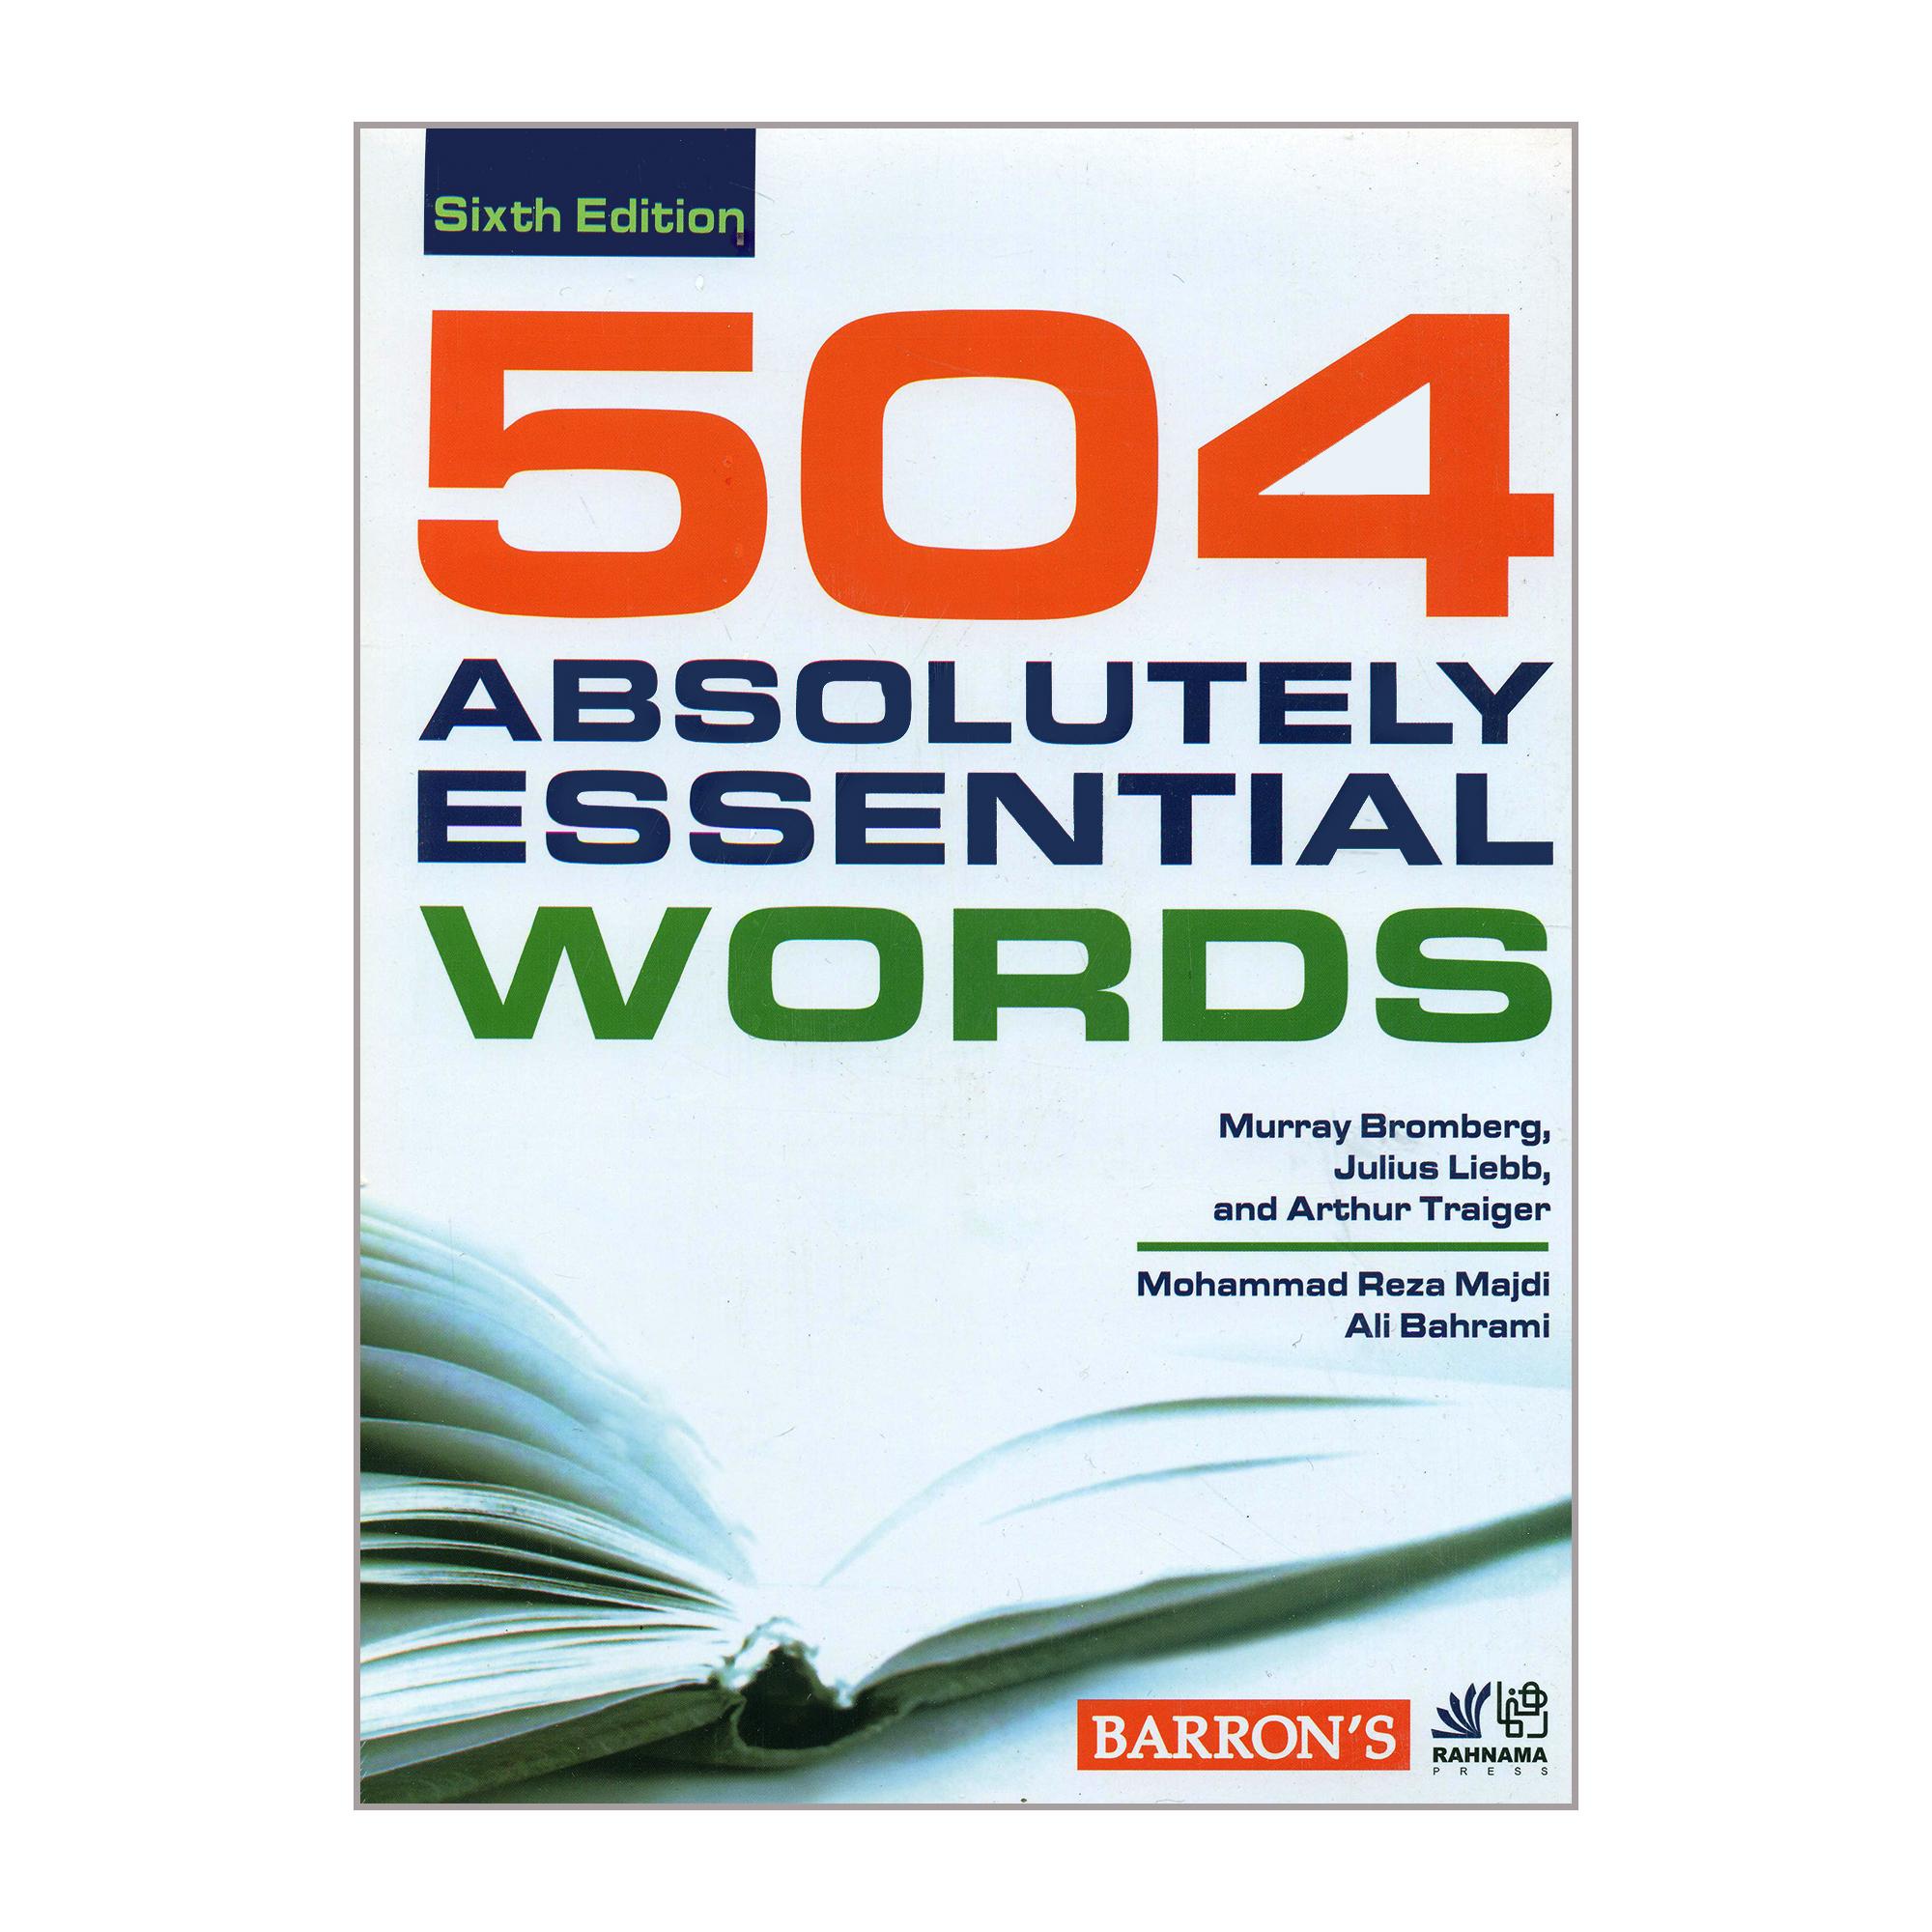 خرید                      کتاب 504 ABSOLUTELY ESSENTIAL WORDS اثر جمعی از نویسندگان انتشارات رهنما